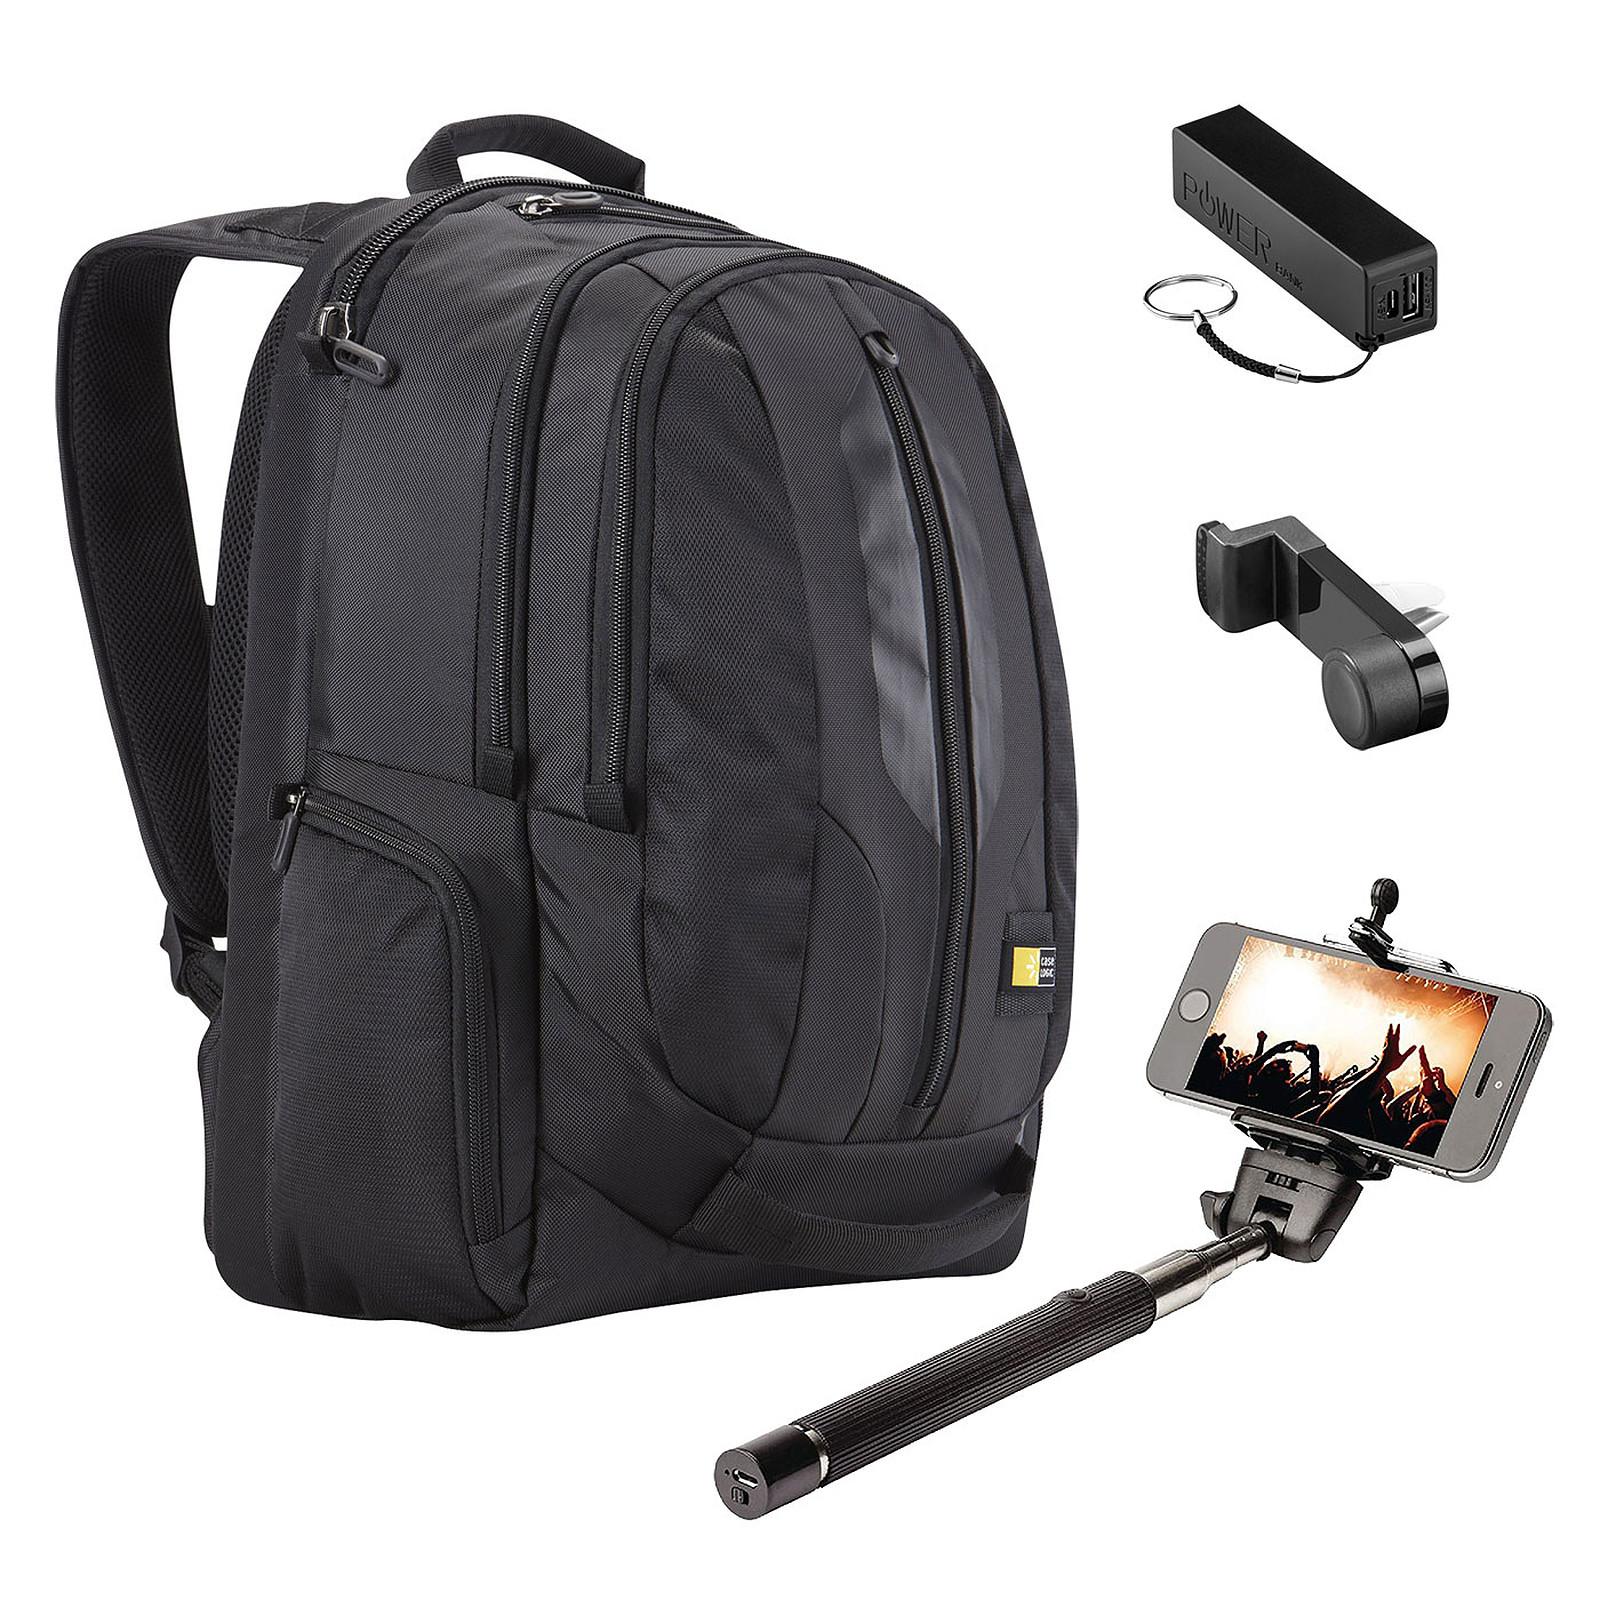 13135eca5c Case Logic RBP-217 + Kit Vacances OFFERT ! Sac à dos pour ordinateur  portable ...